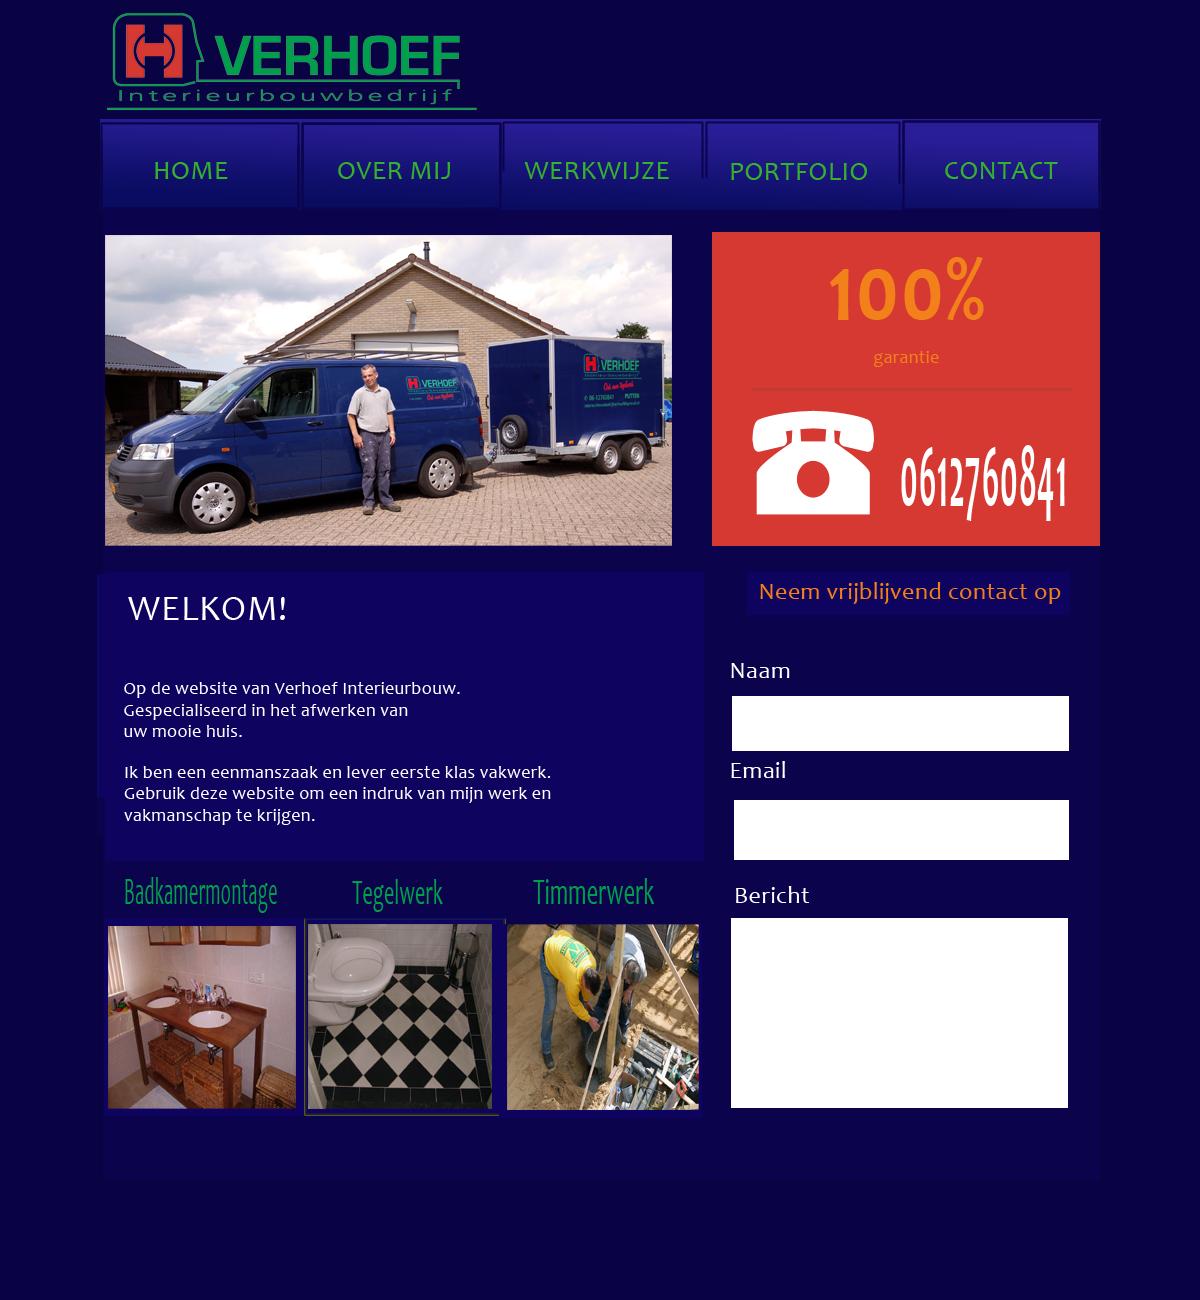 Website van Verhoef Interieurbouw